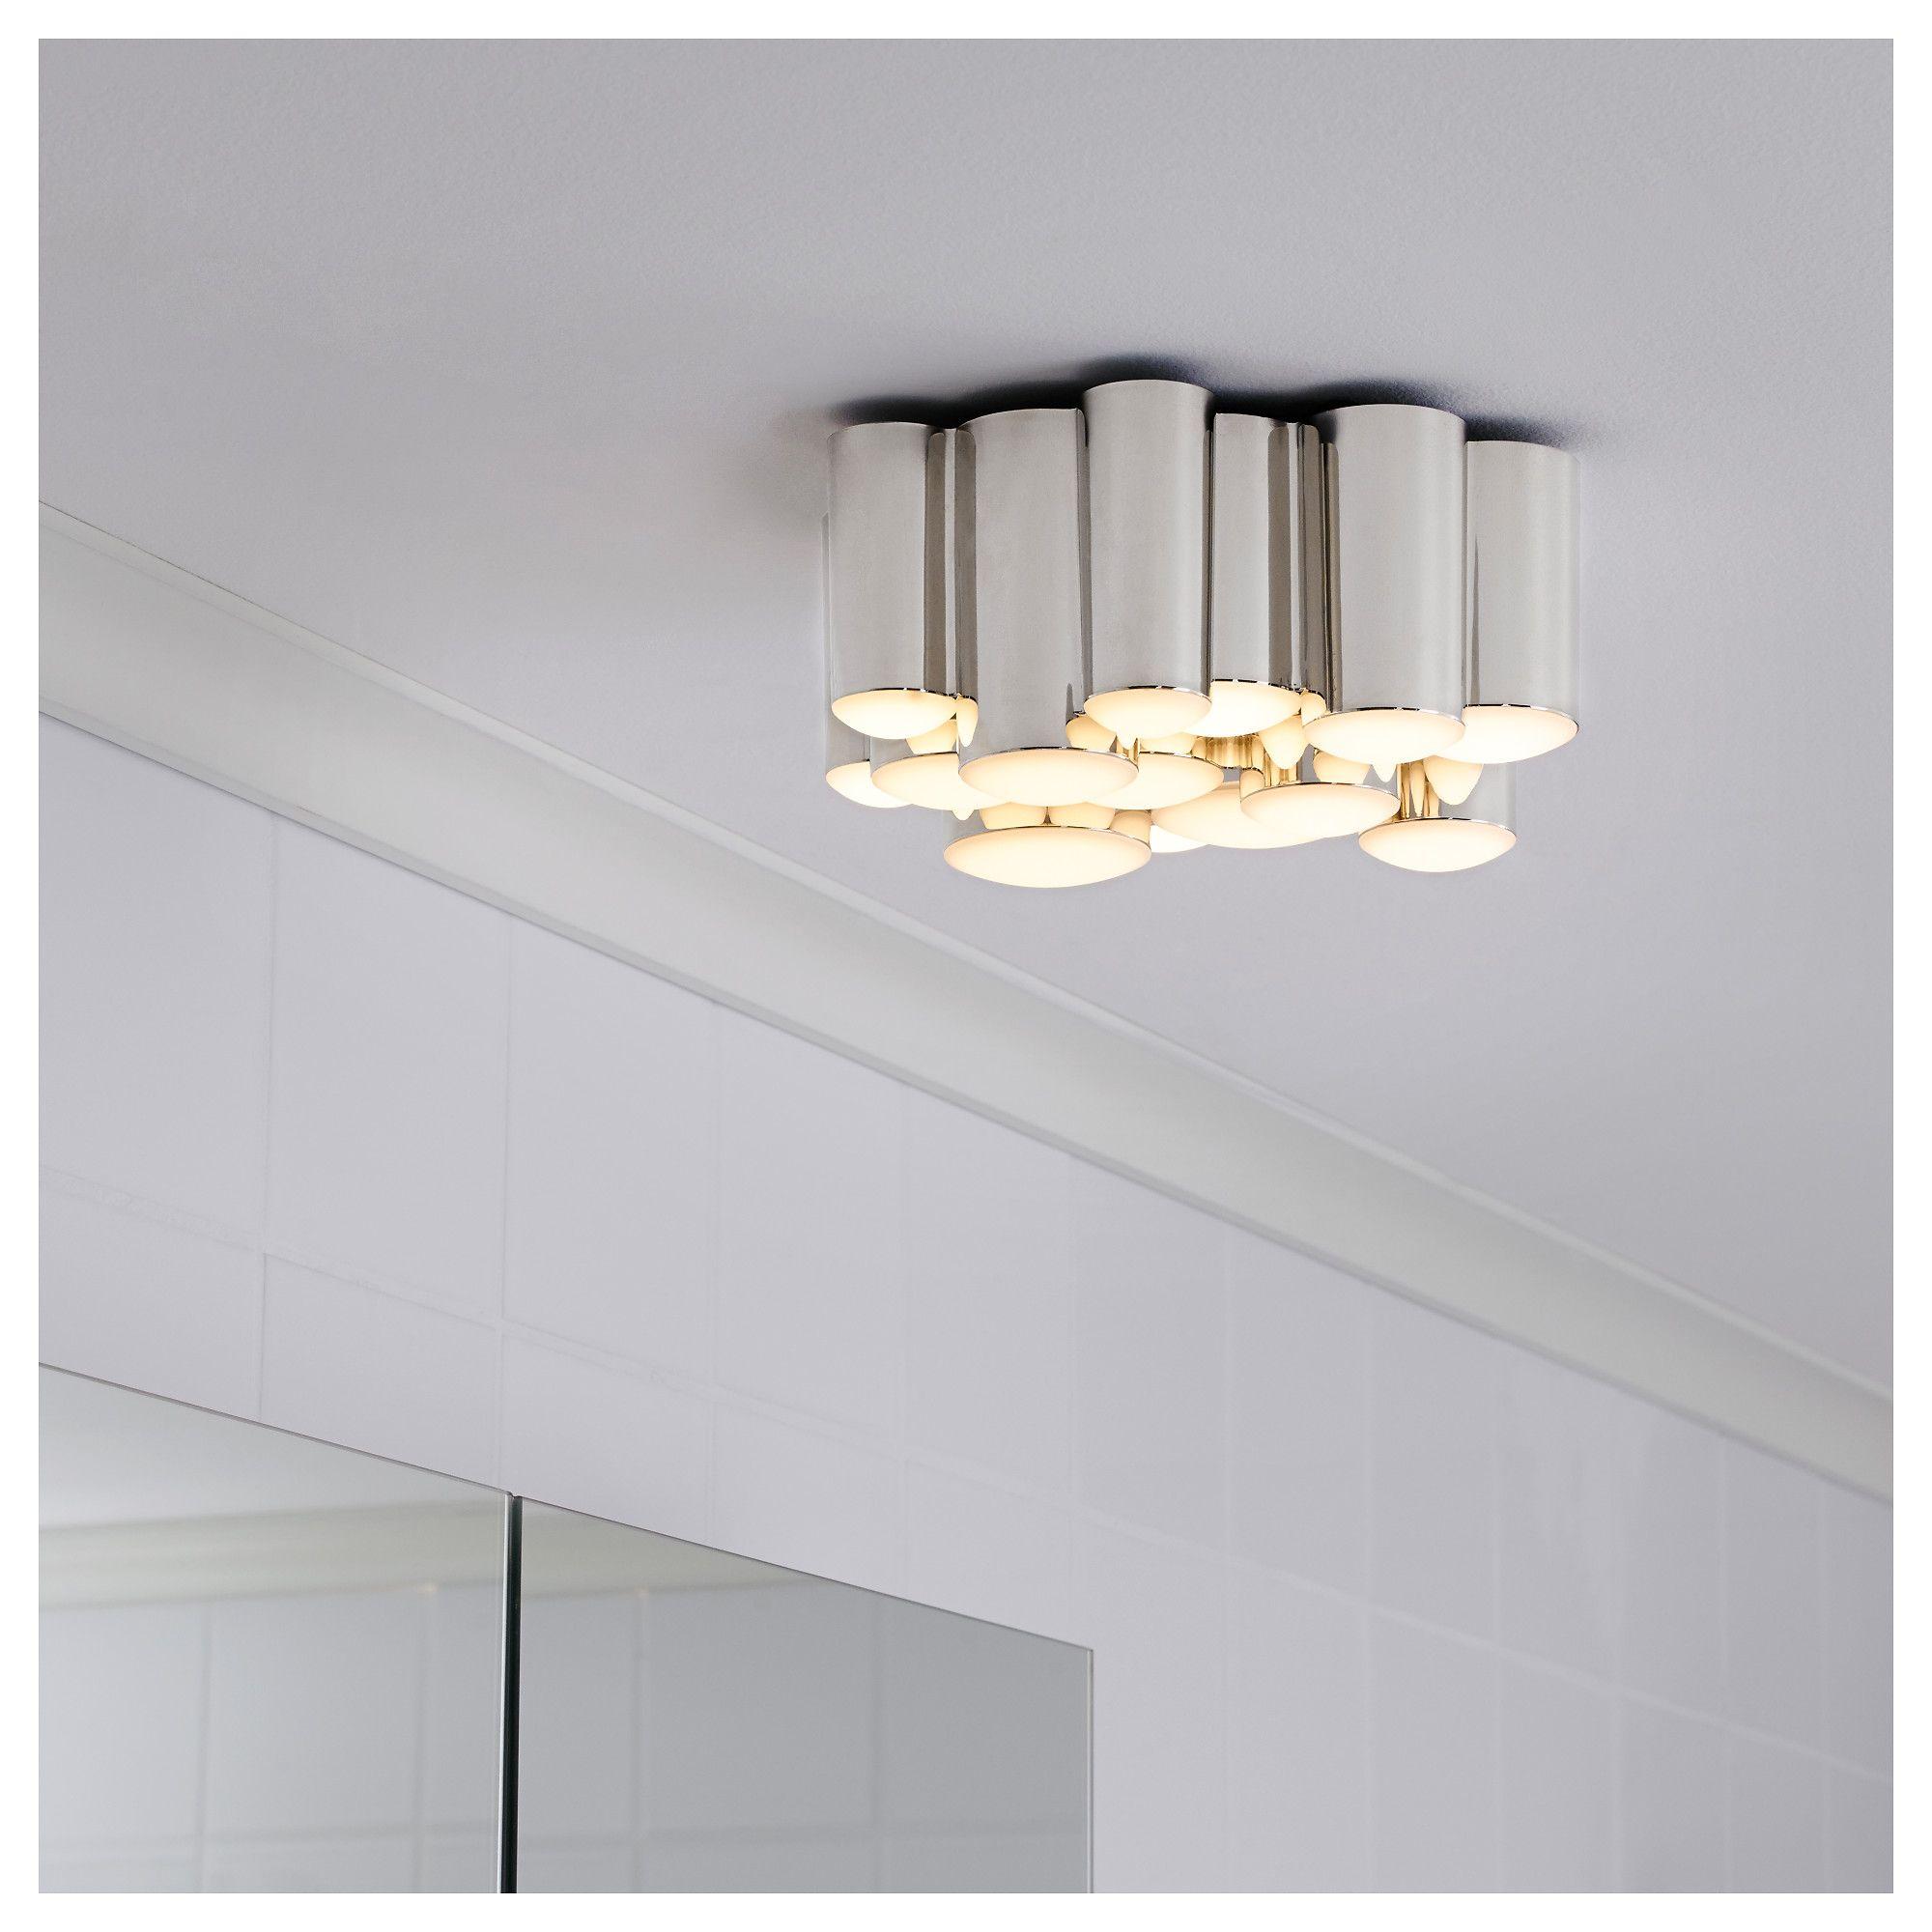 Bathroom Ceiling Lights Ikea